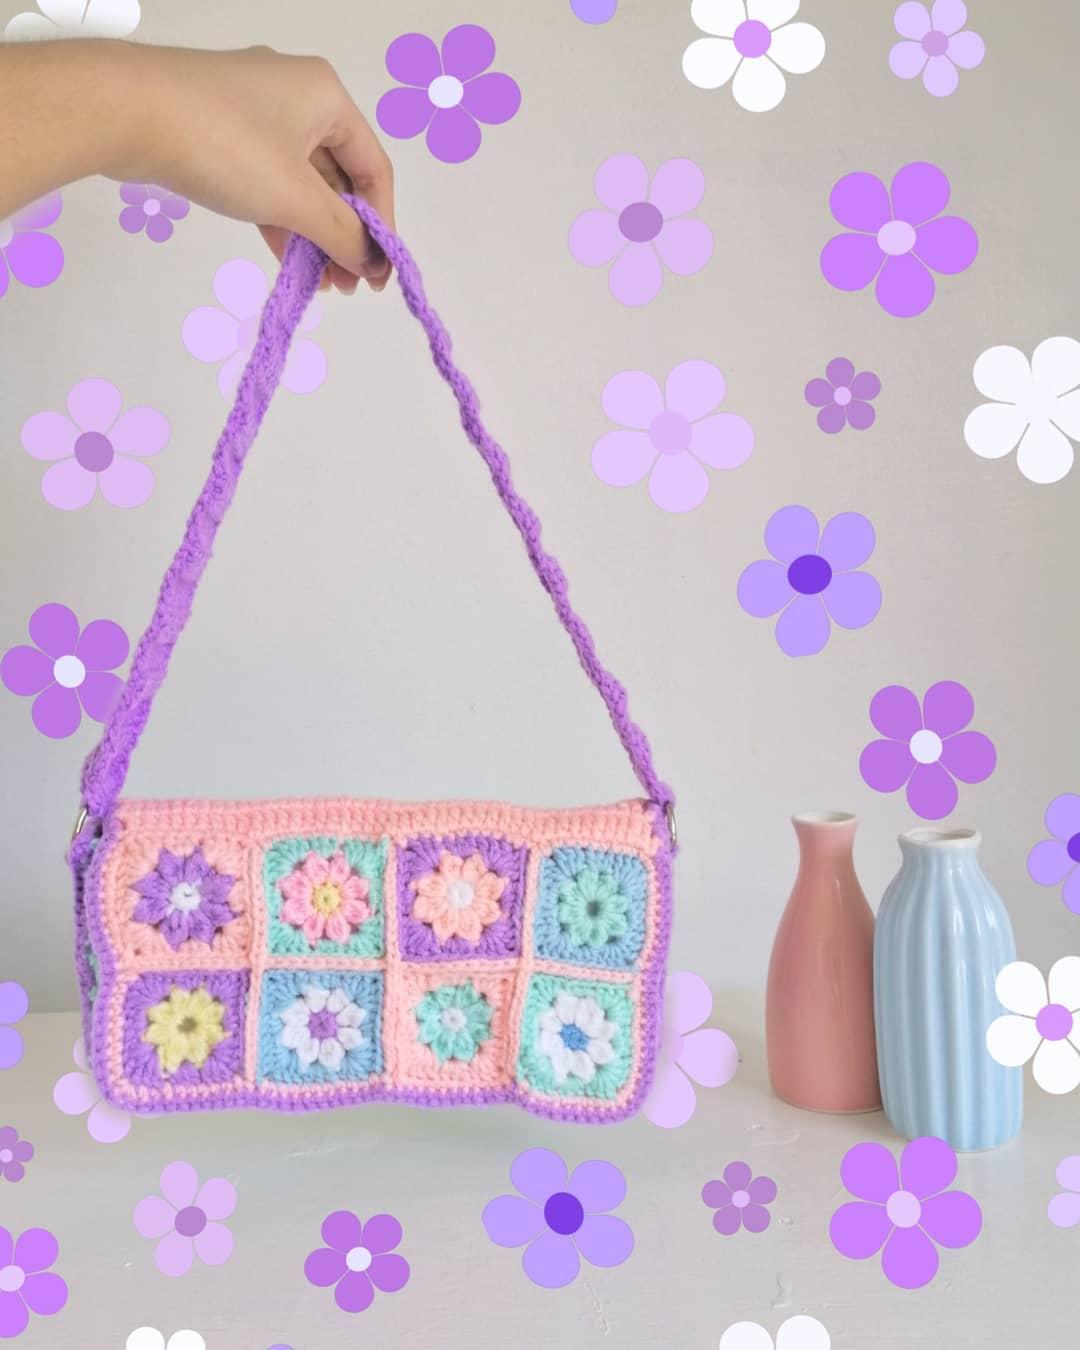 A colorful crochet baguette bag